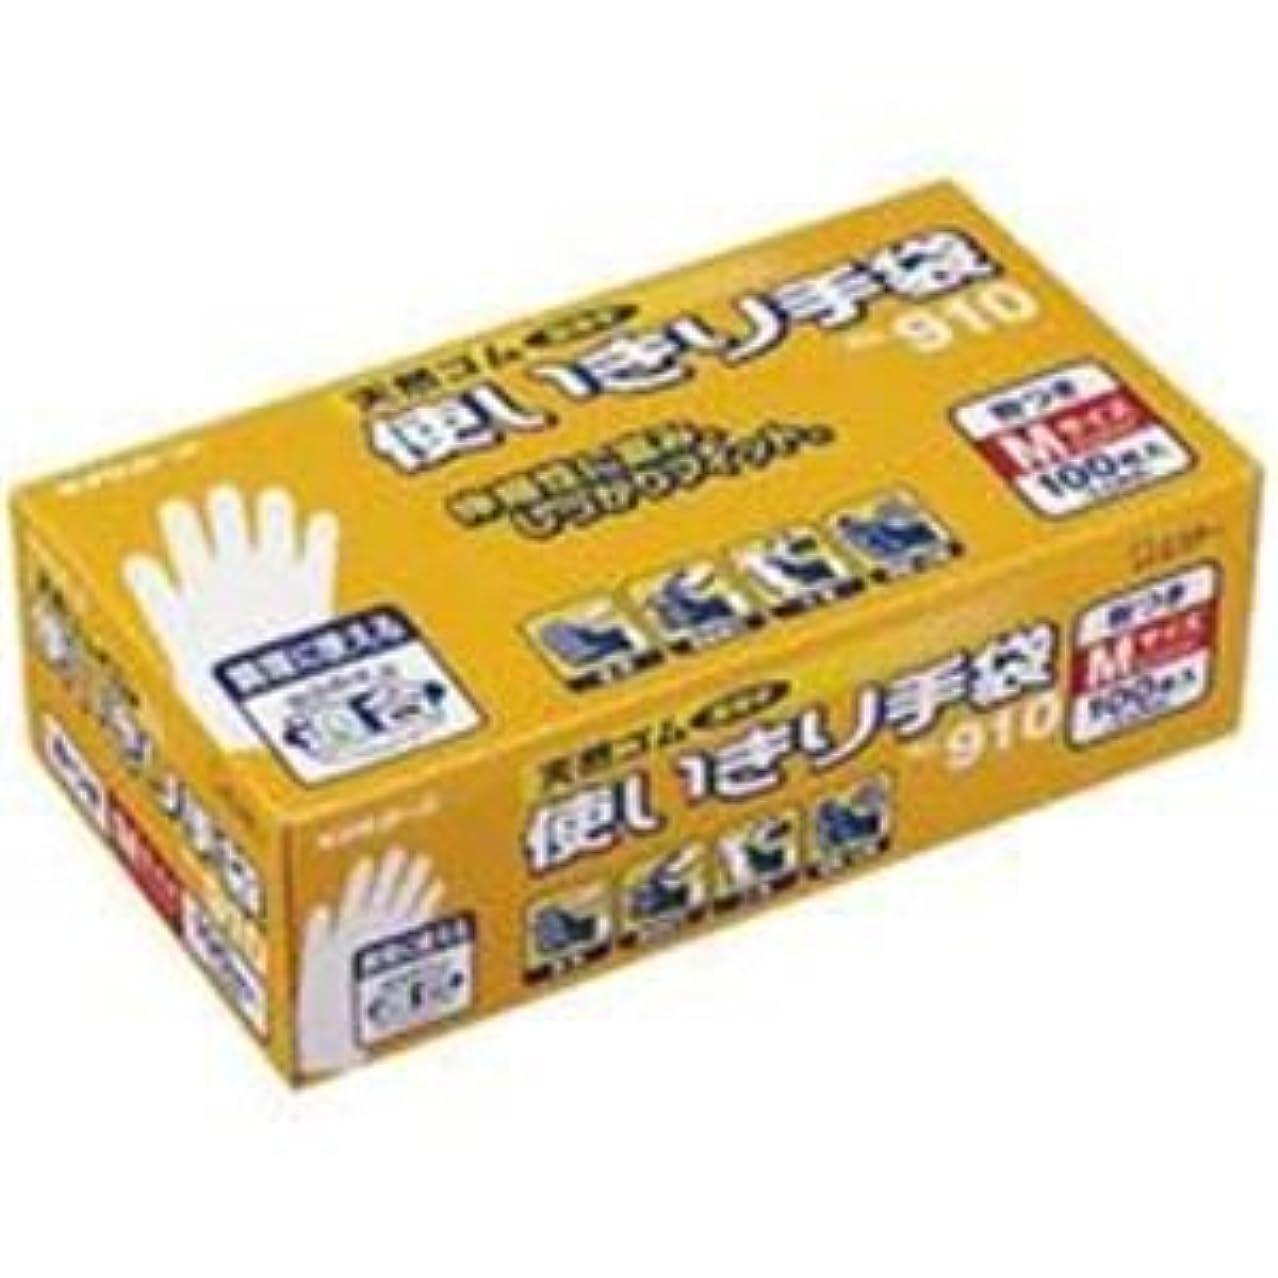 とてもシーサイドエジプト(業務用3セット)エステー 天然ゴム使い切り手袋/作業用手袋 【No.910/S 1箱】 [簡易パッケージ品]